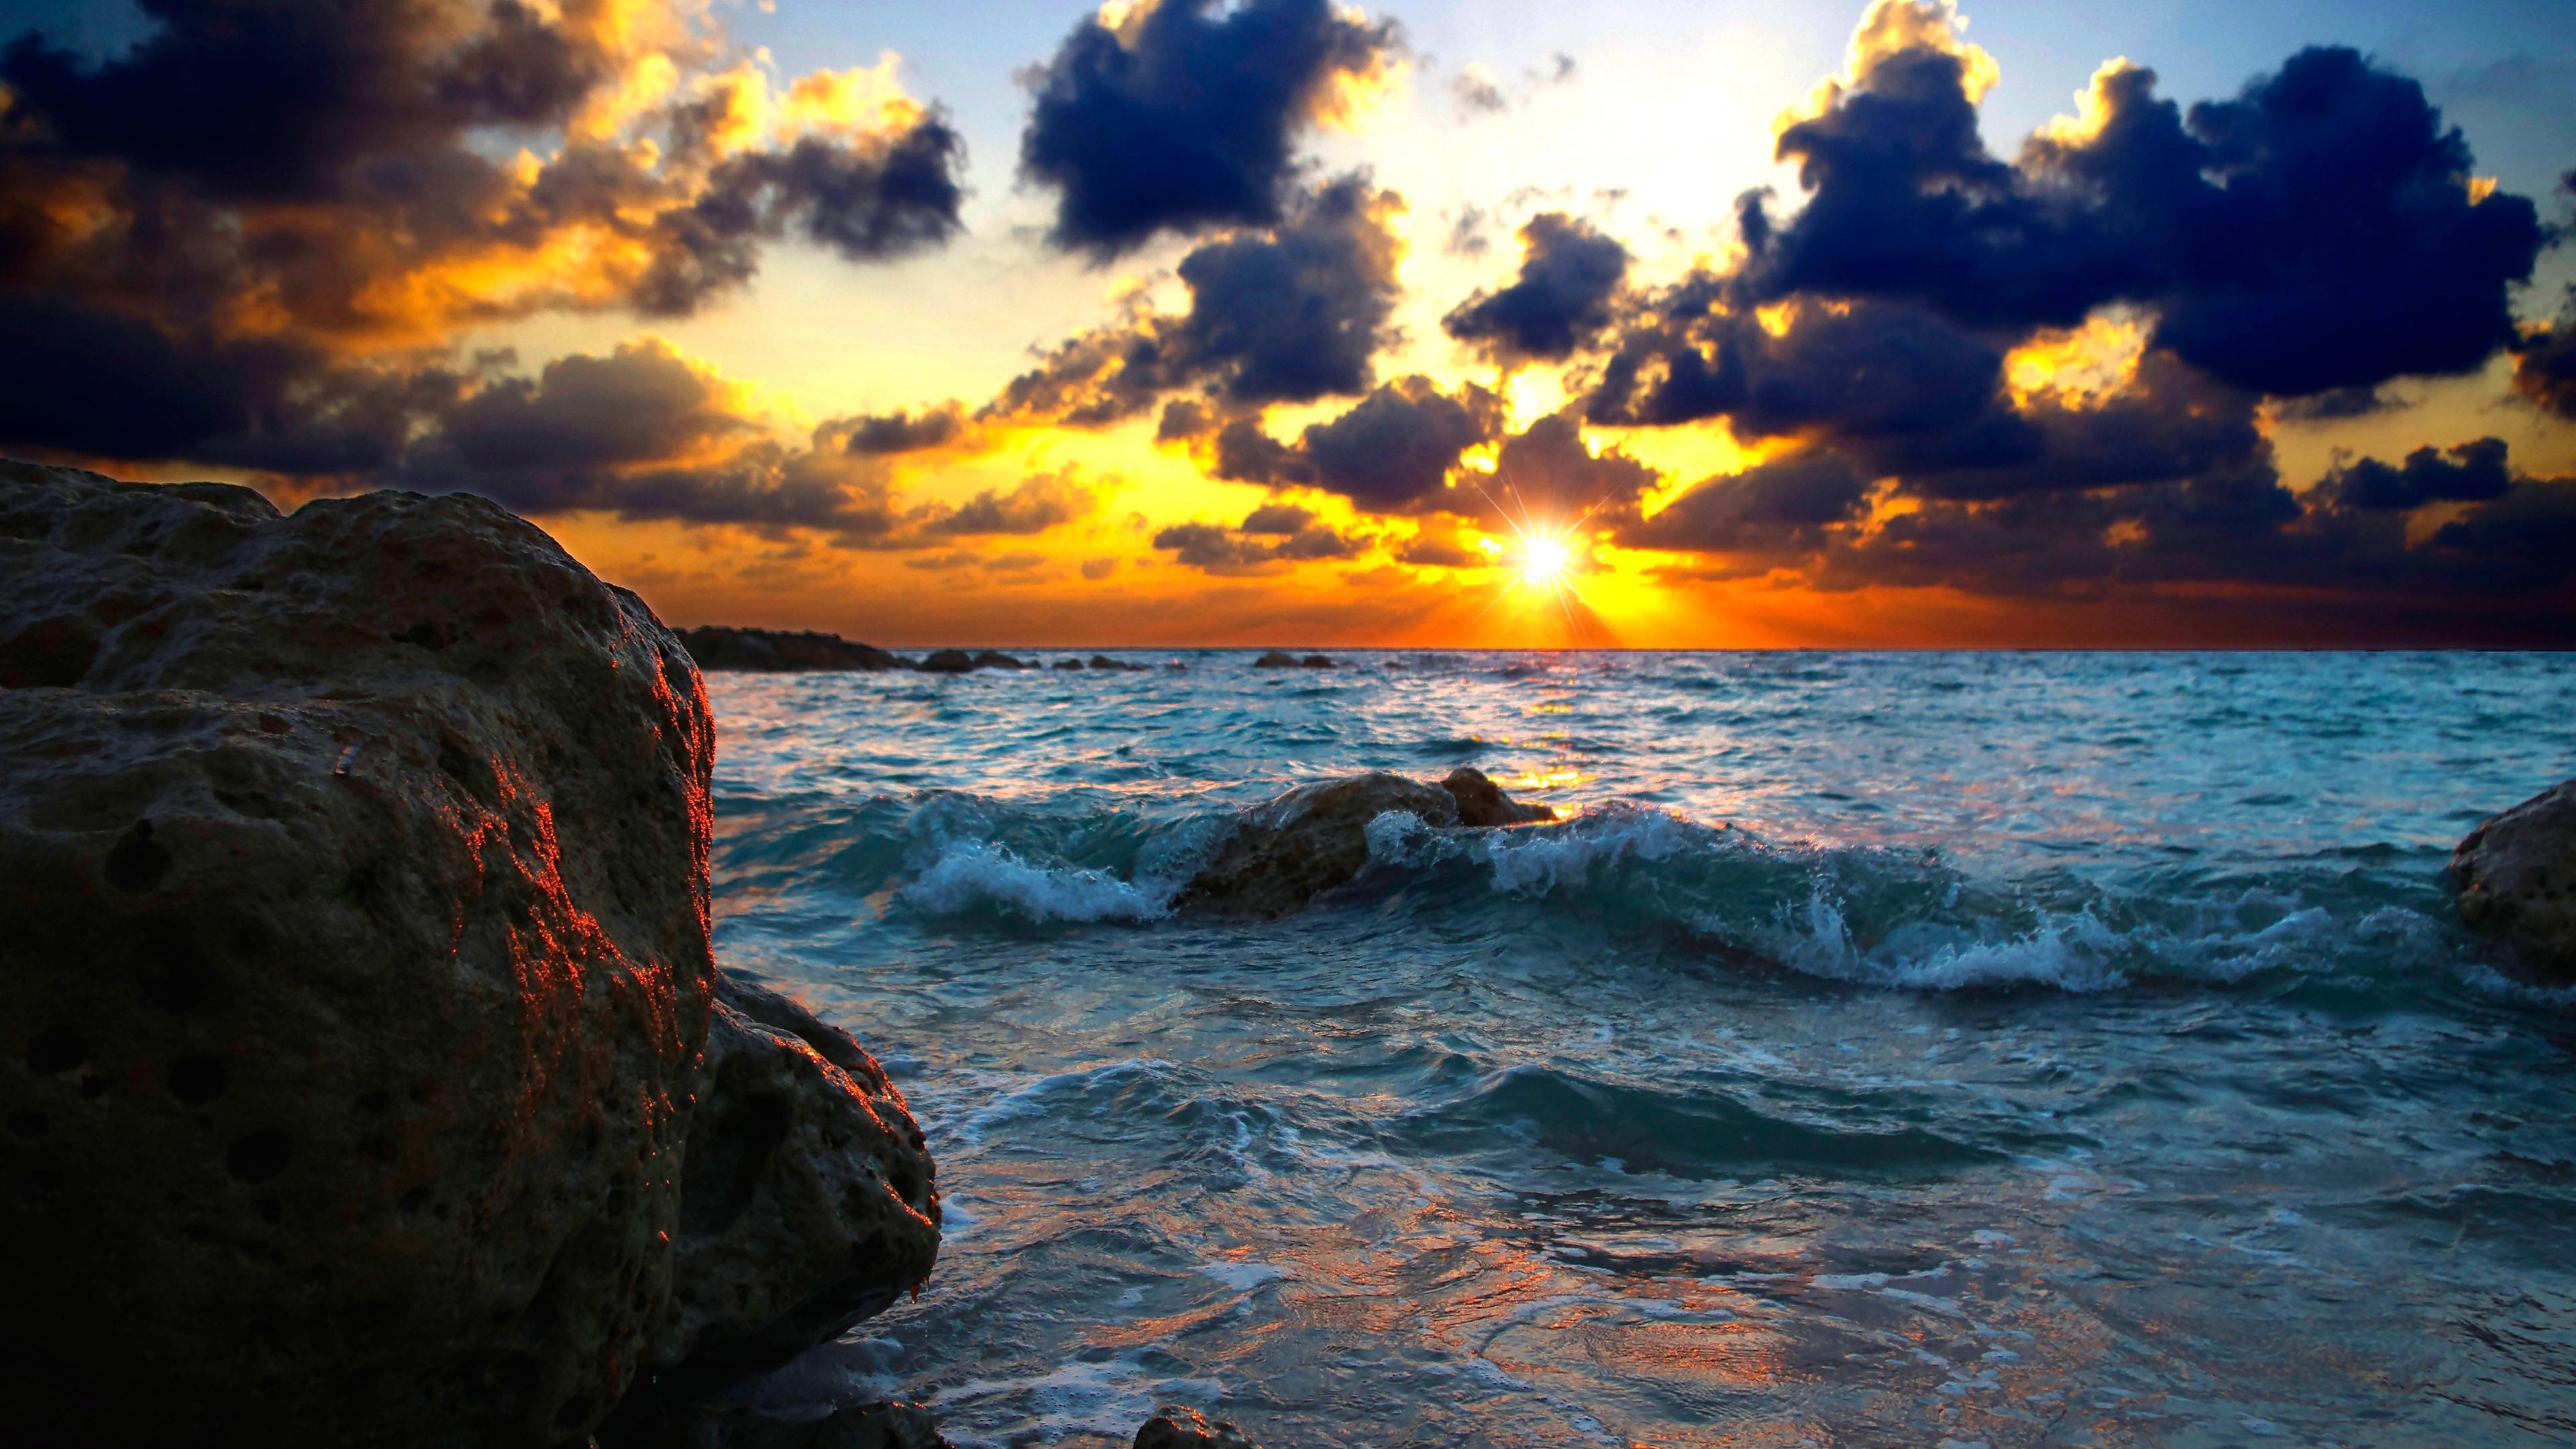 sea sunset 1535923659 - Sea Sunset - water wallpapers, sunset wallpapers, sea wallpapers, nature wallpapers